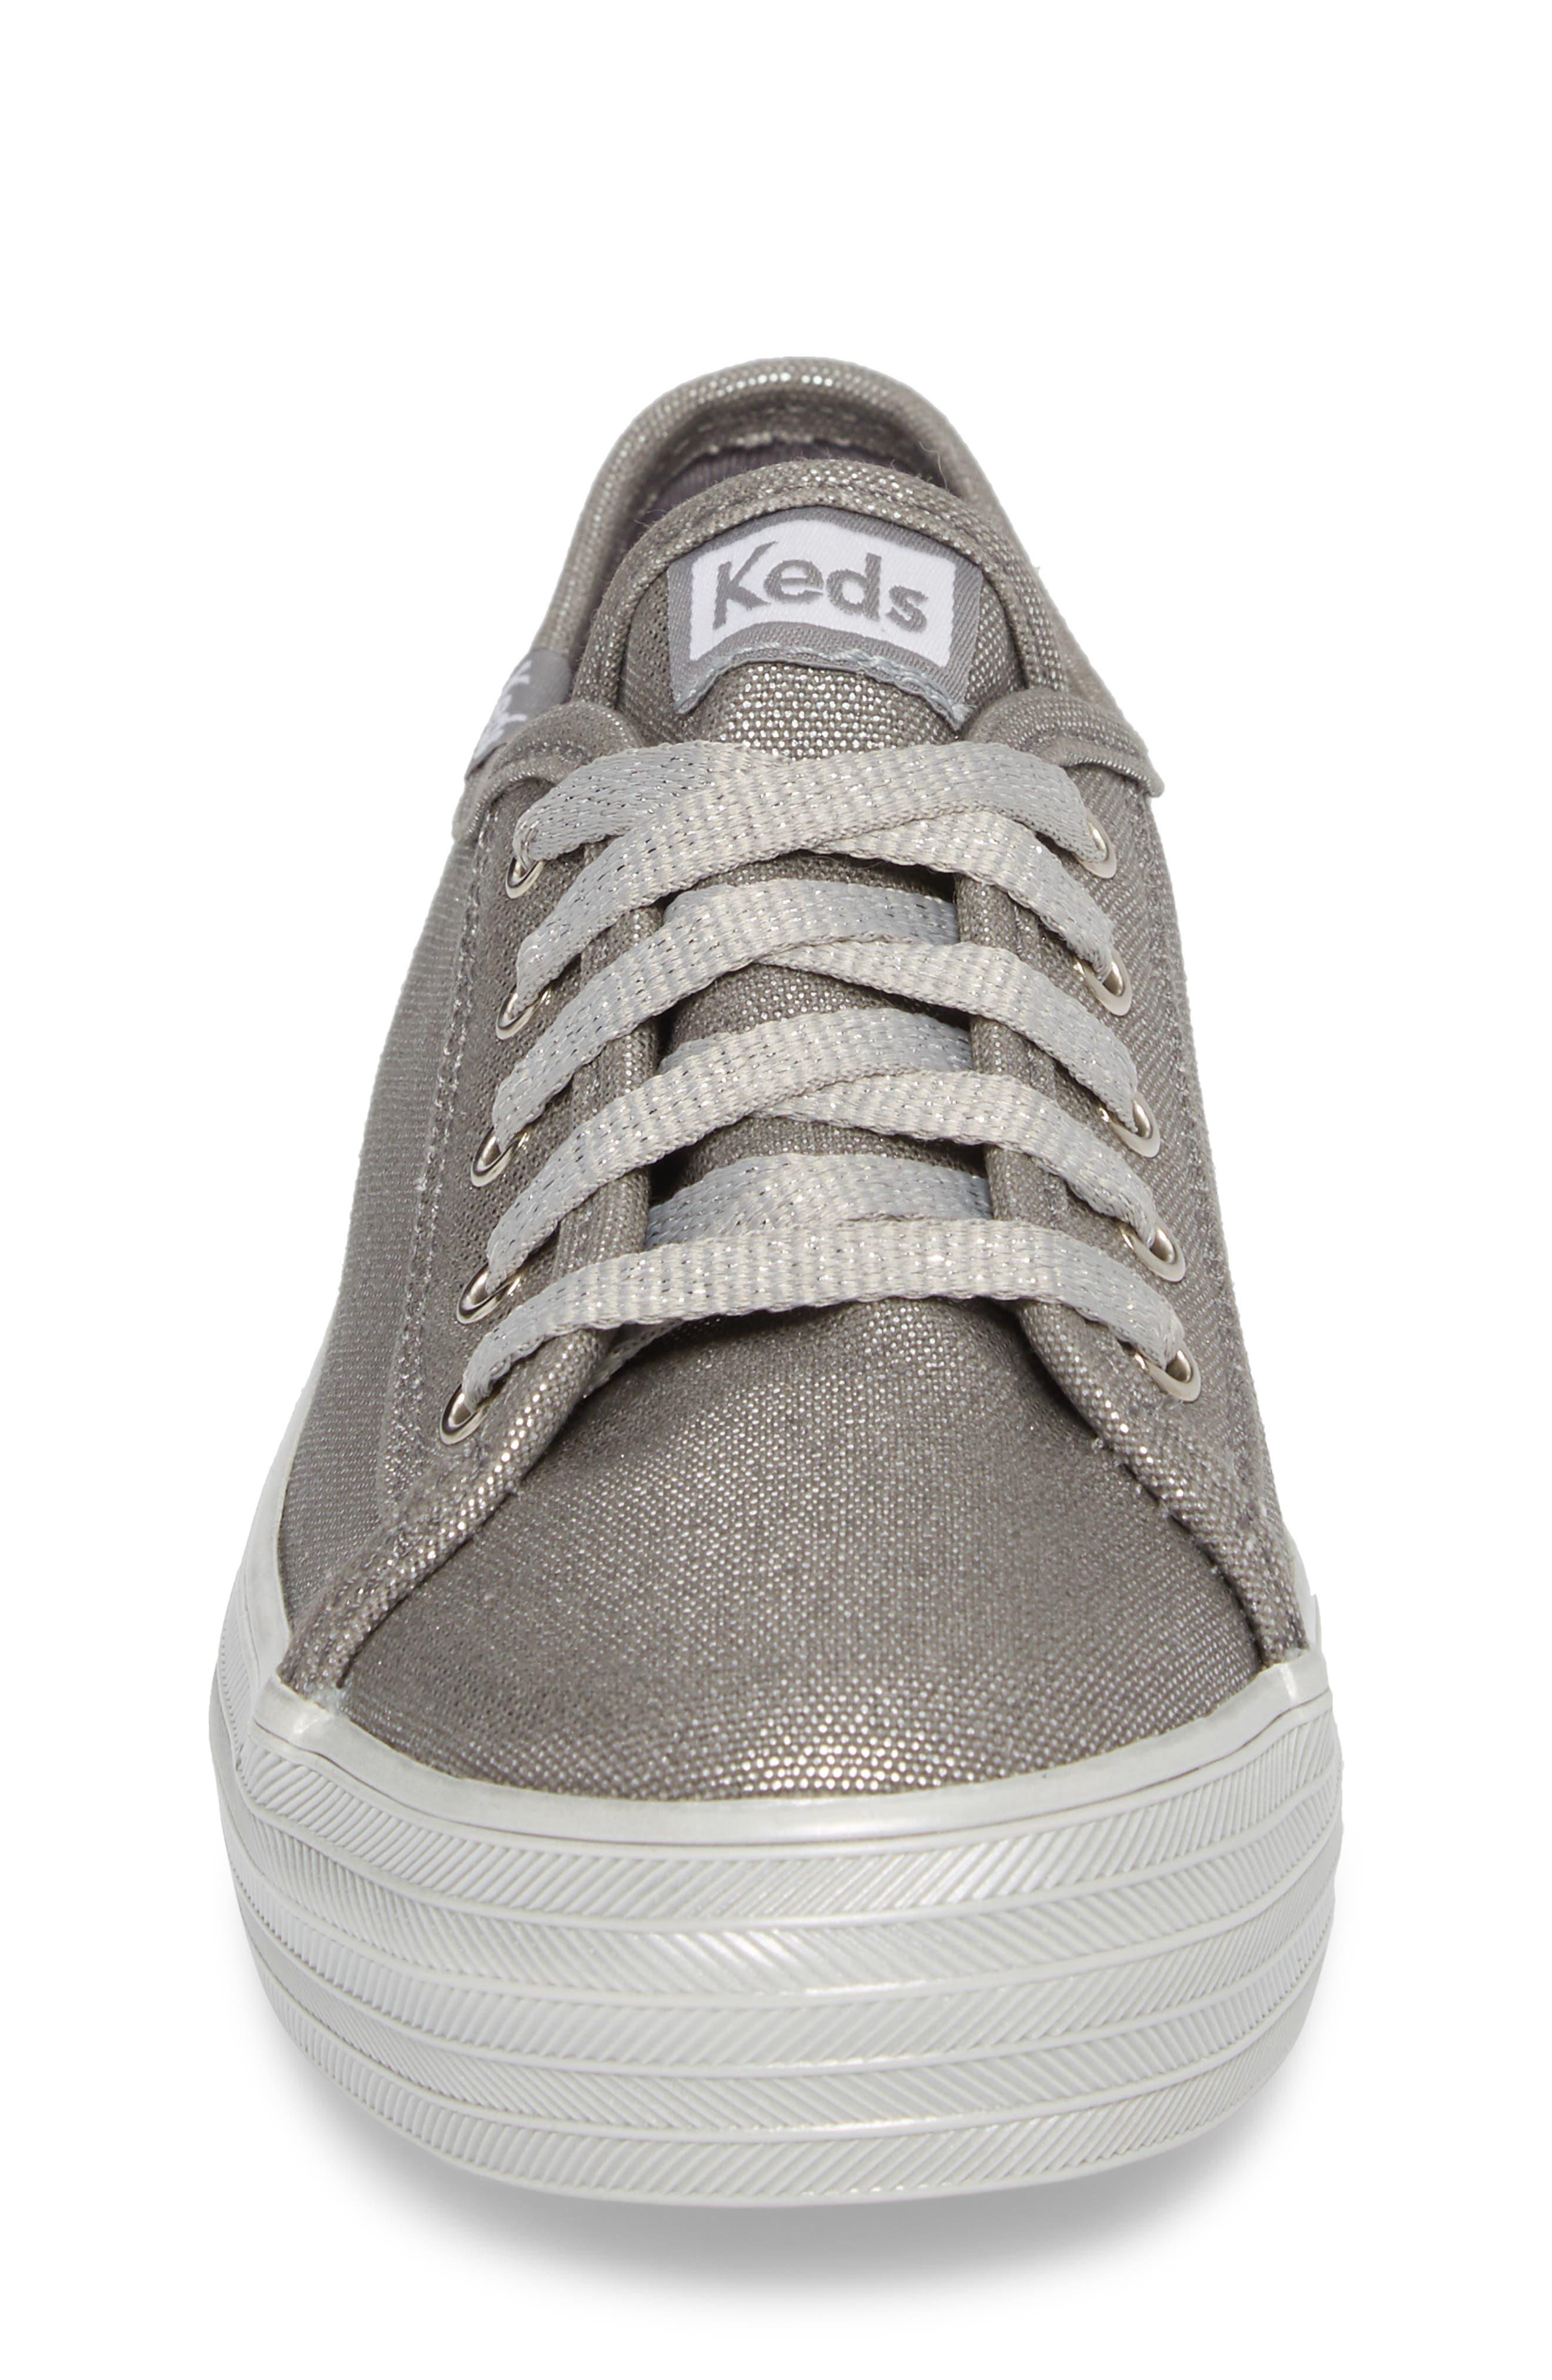 Triple Kick Platform Sneaker,                             Alternate thumbnail 4, color,                             Silver/ Silver